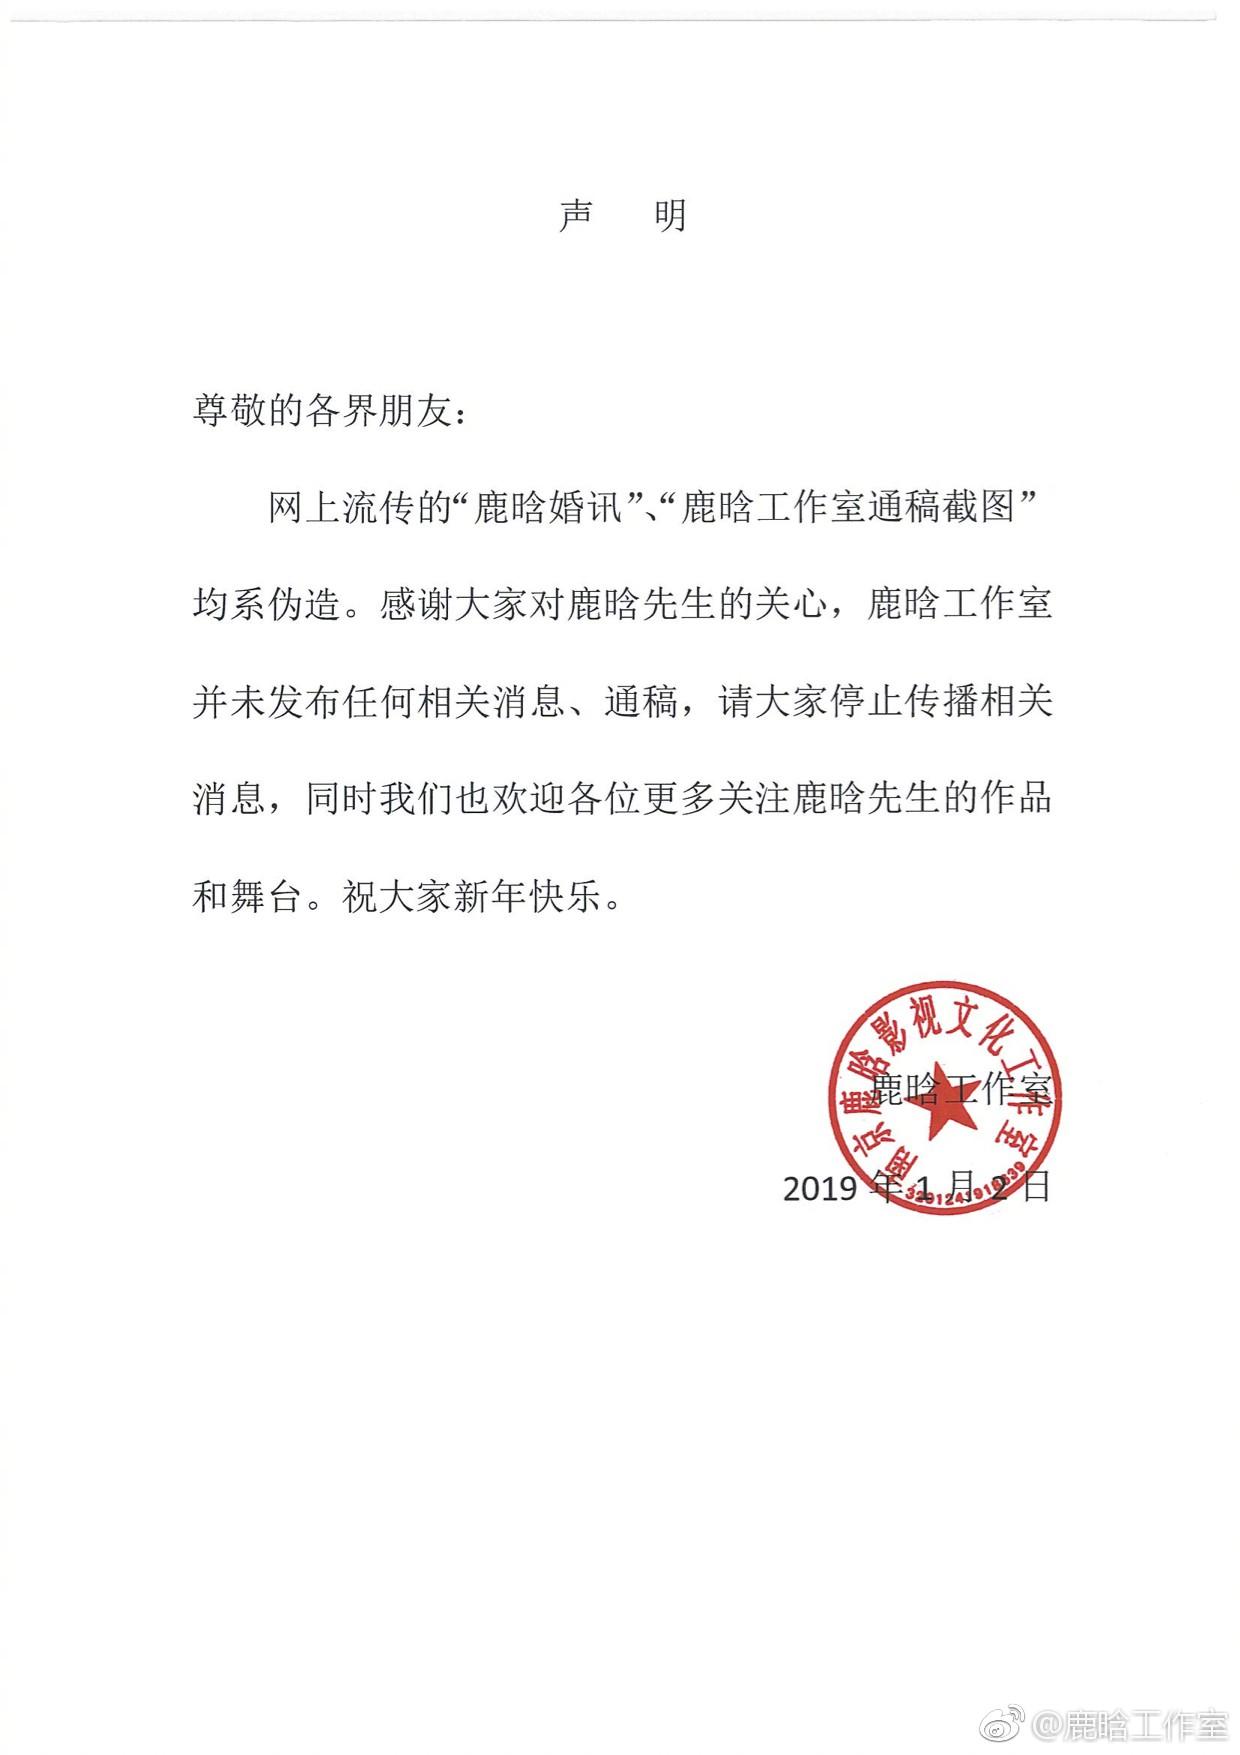 Rộ tin Luhan - Quan Hiểu Đồng đã đăng ký kết hôn, thứ 6 sẽ công bố tin vui tới truyền thông và người hâm mộ - Ảnh 3.